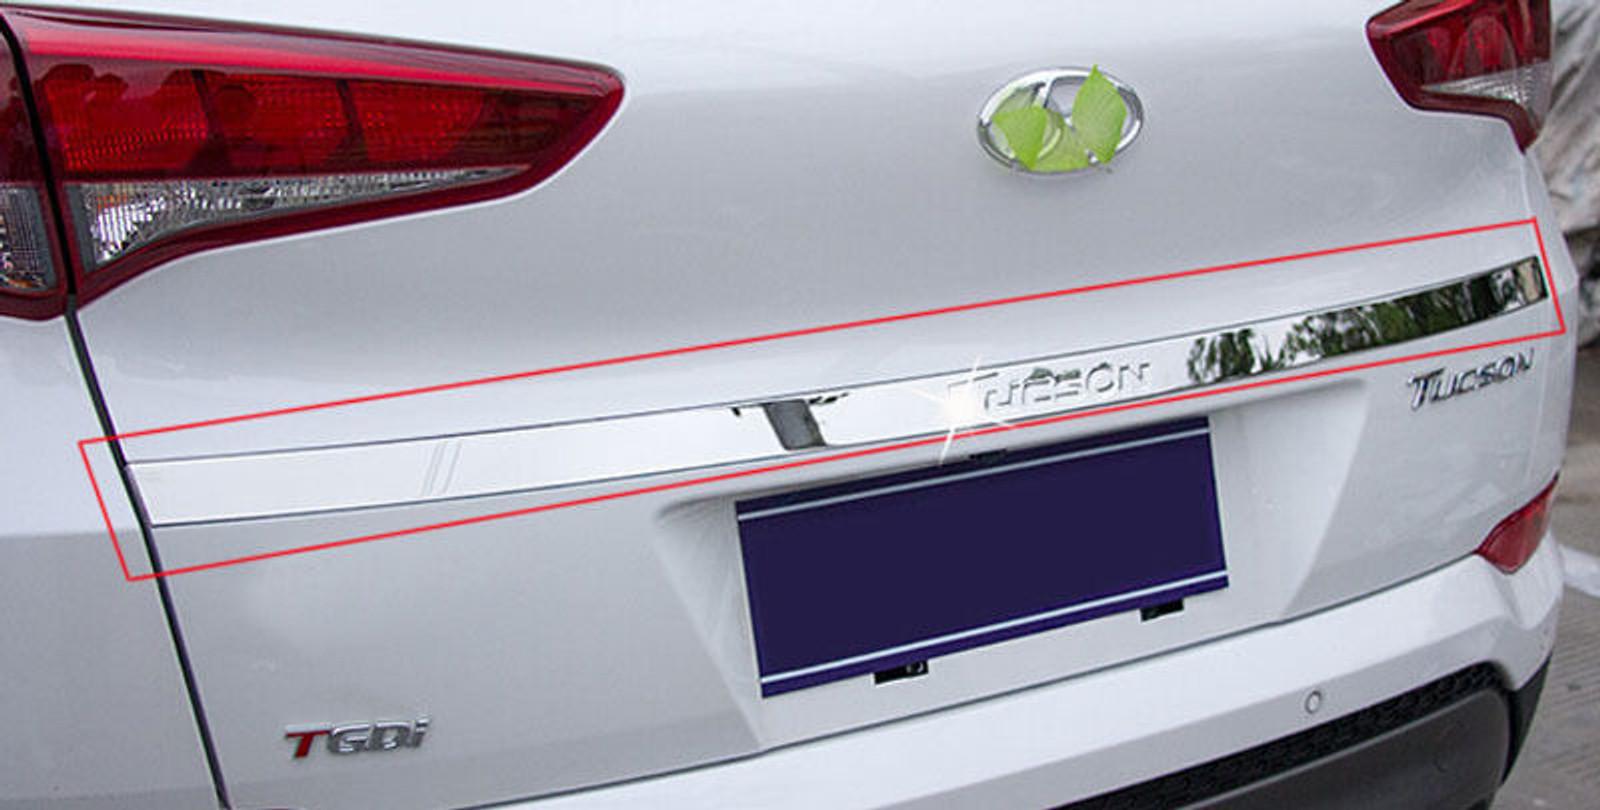 1x MEYLE HD Querlenker Audi,Skoda,VW Vorderachse unten rechts mit Anbausatz